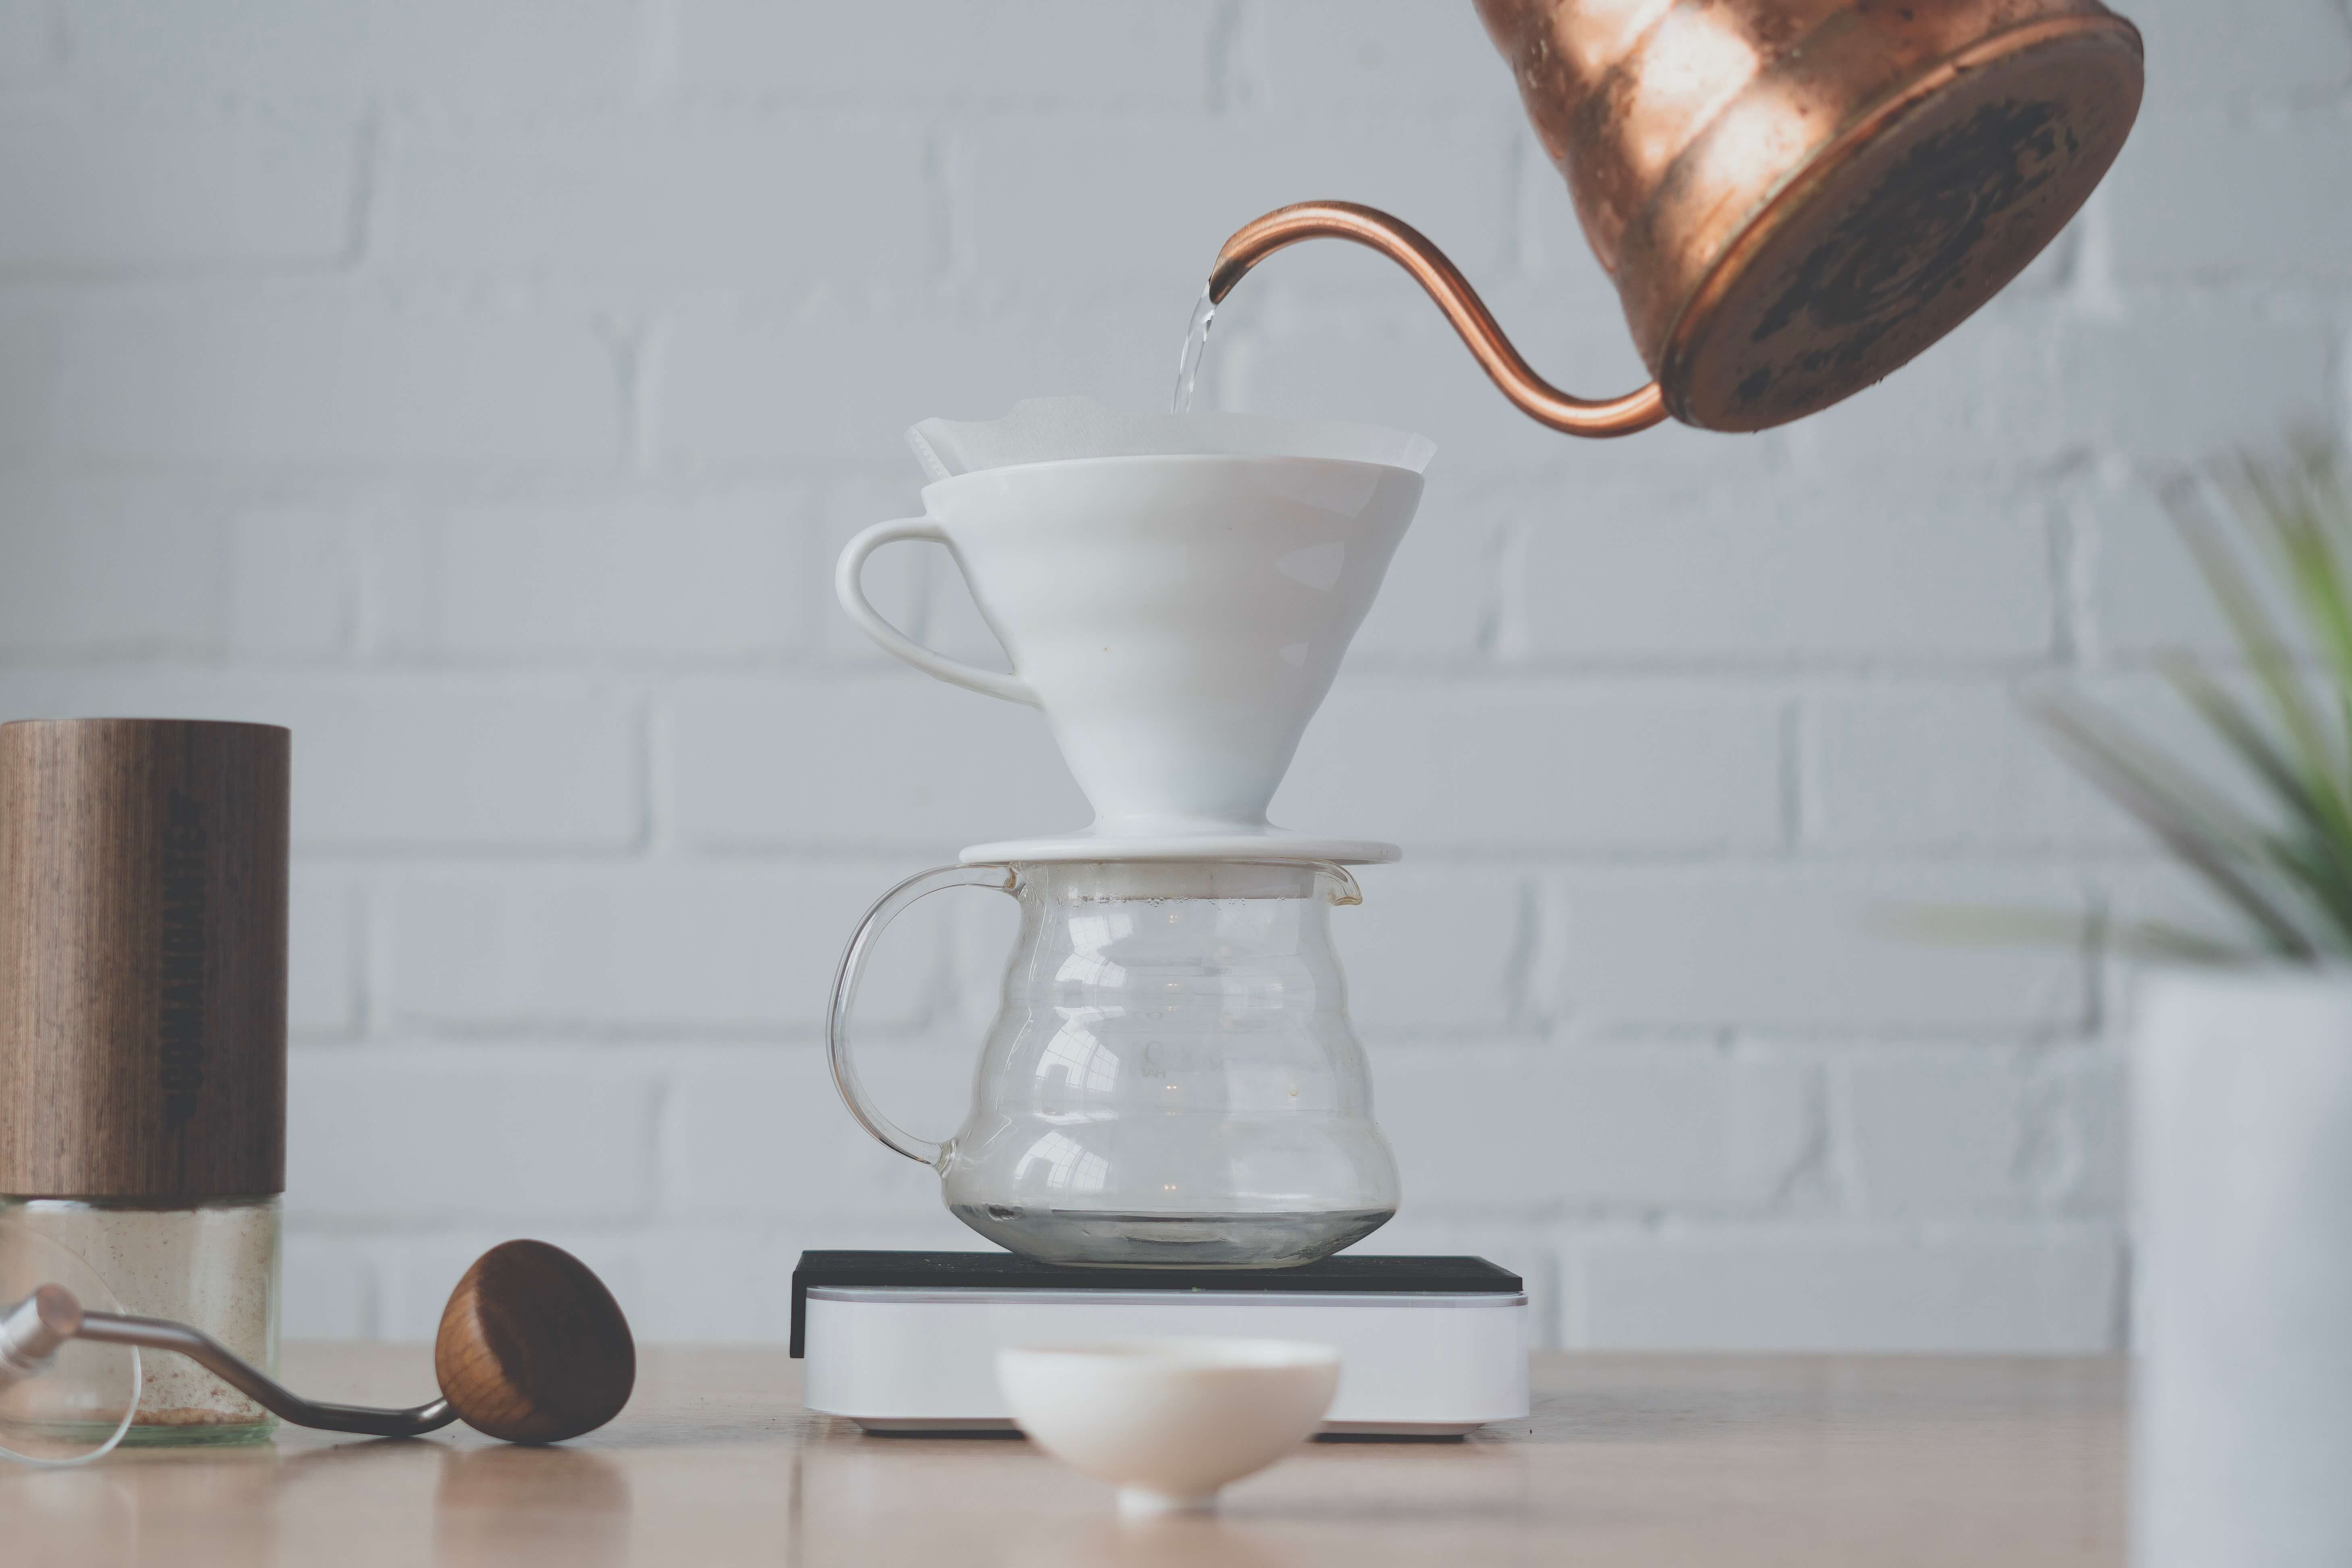 おすすめ ドリップ コーヒー コーヒードリッパーのおすすめ25選。おしゃれにハンドドリップを楽しもう